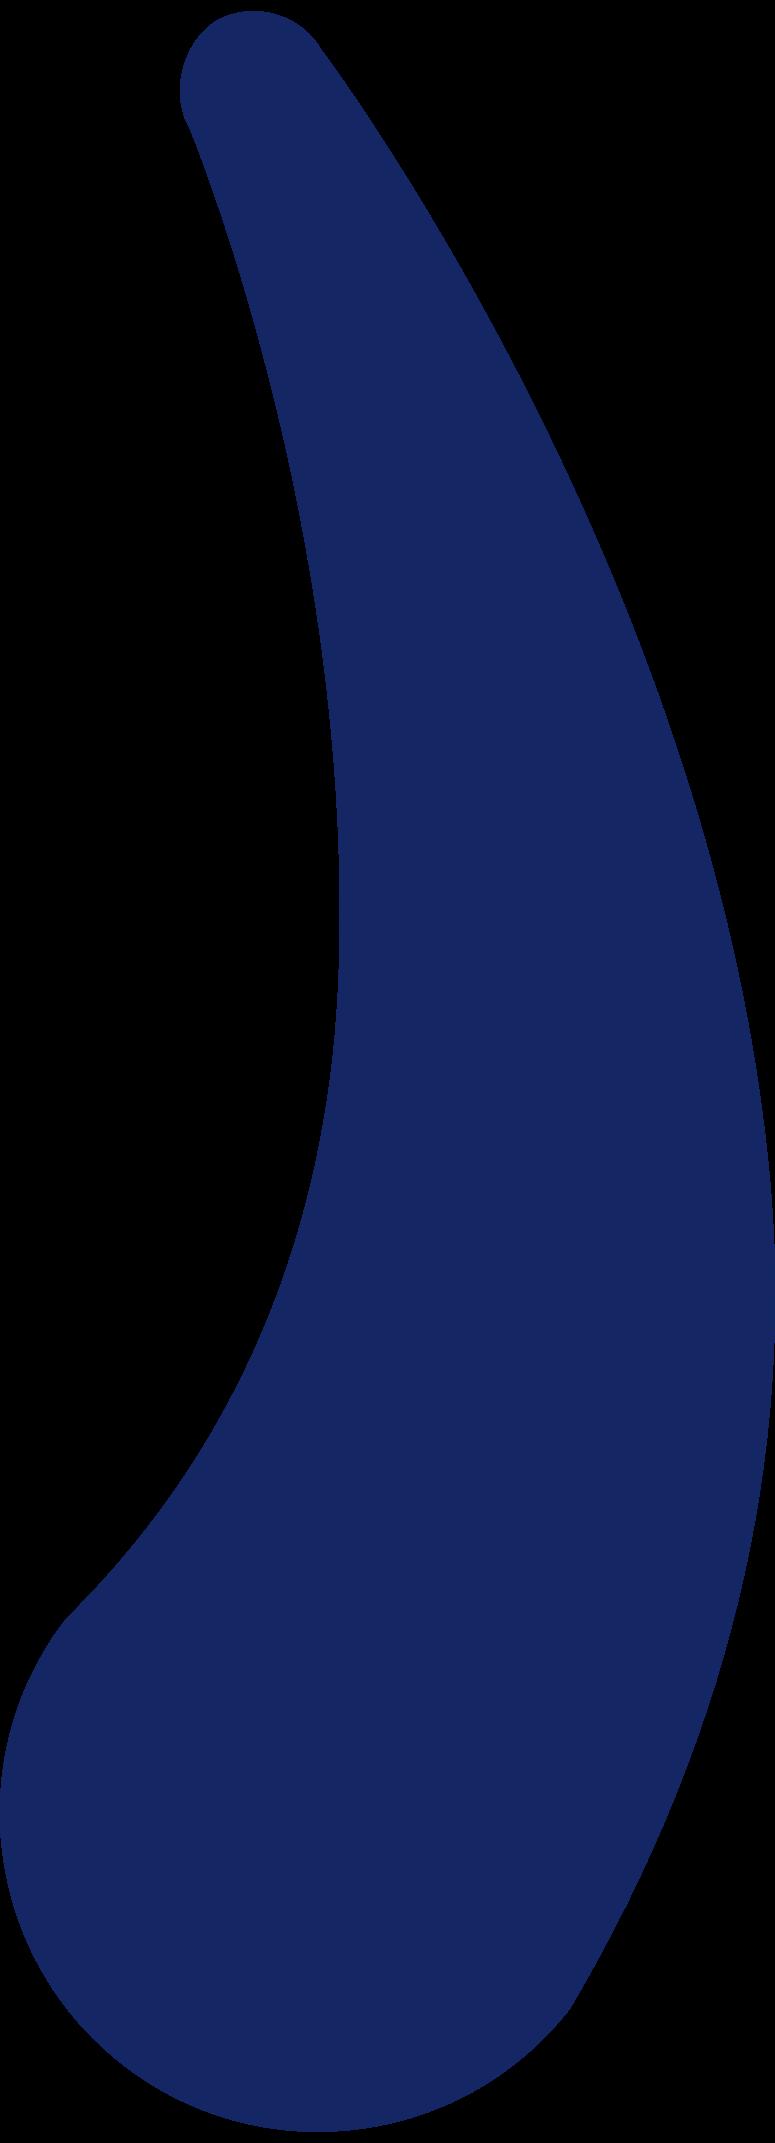 tentacles Clipart-Grafik als PNG, SVG